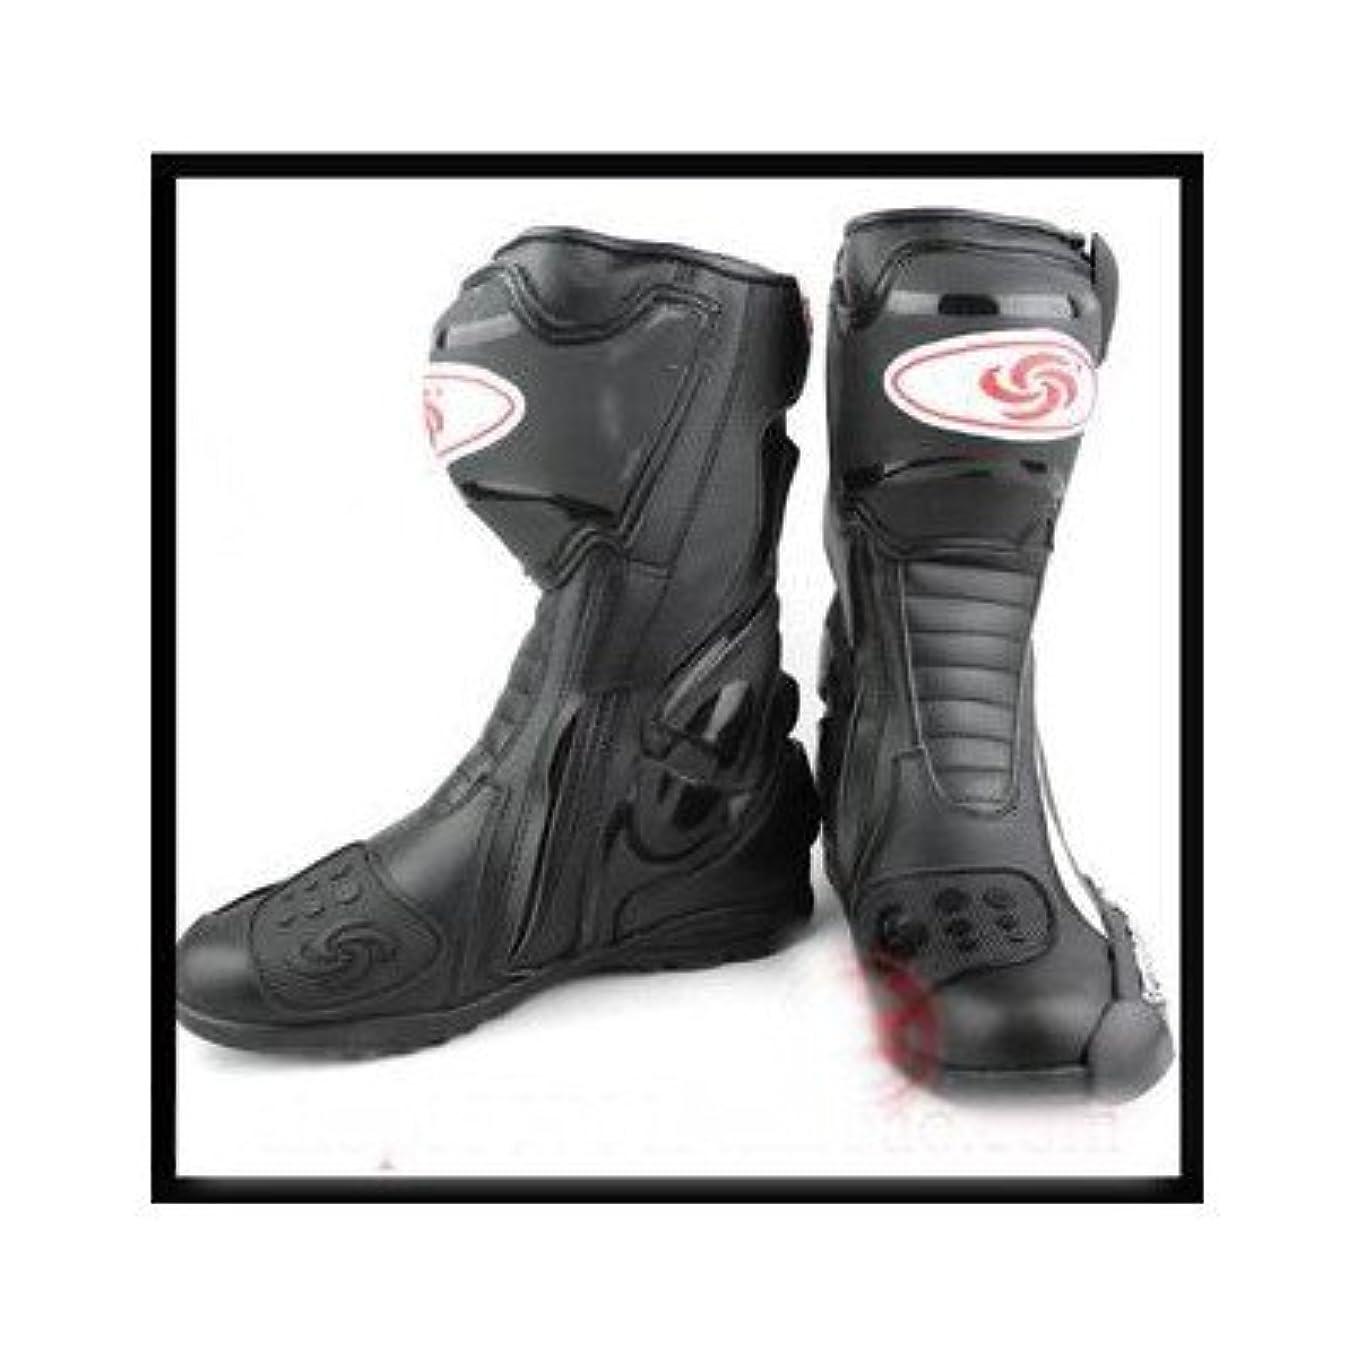 手入れ五十ウッズAJK レーシングブーツバイクシューズレーシングブーツ/最新モデル/ SIZE44/約28cm 1069 